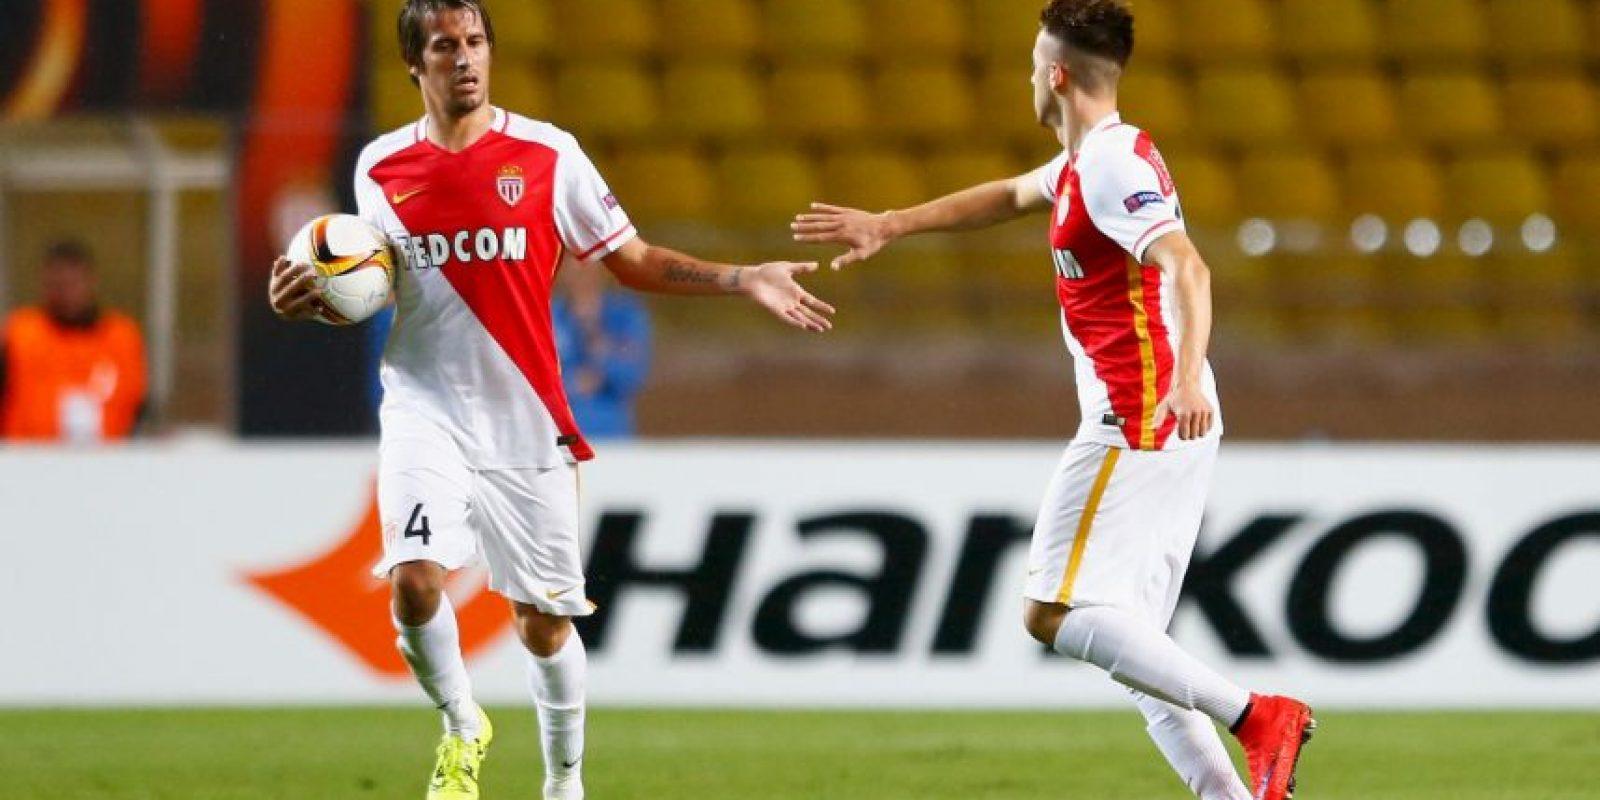 Pieza clave en el sector izquierdo de Portugal, el jugador del Mónaco no podrá estar en la Eurocopa por una lesión en el muslo que sufrió en abril pasado y estará de tres a seis meses fuera de las canchas. Foto:Getty Images